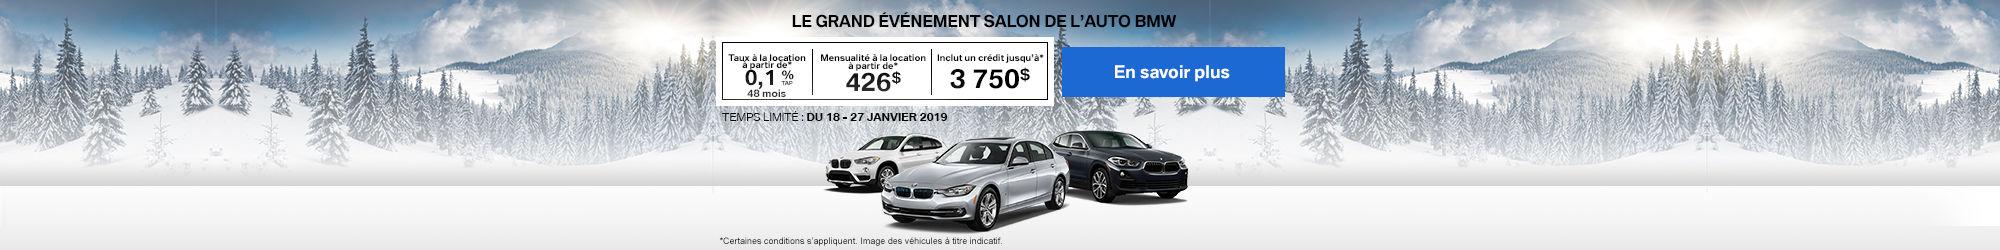 L'événement salon de l'auto BMW